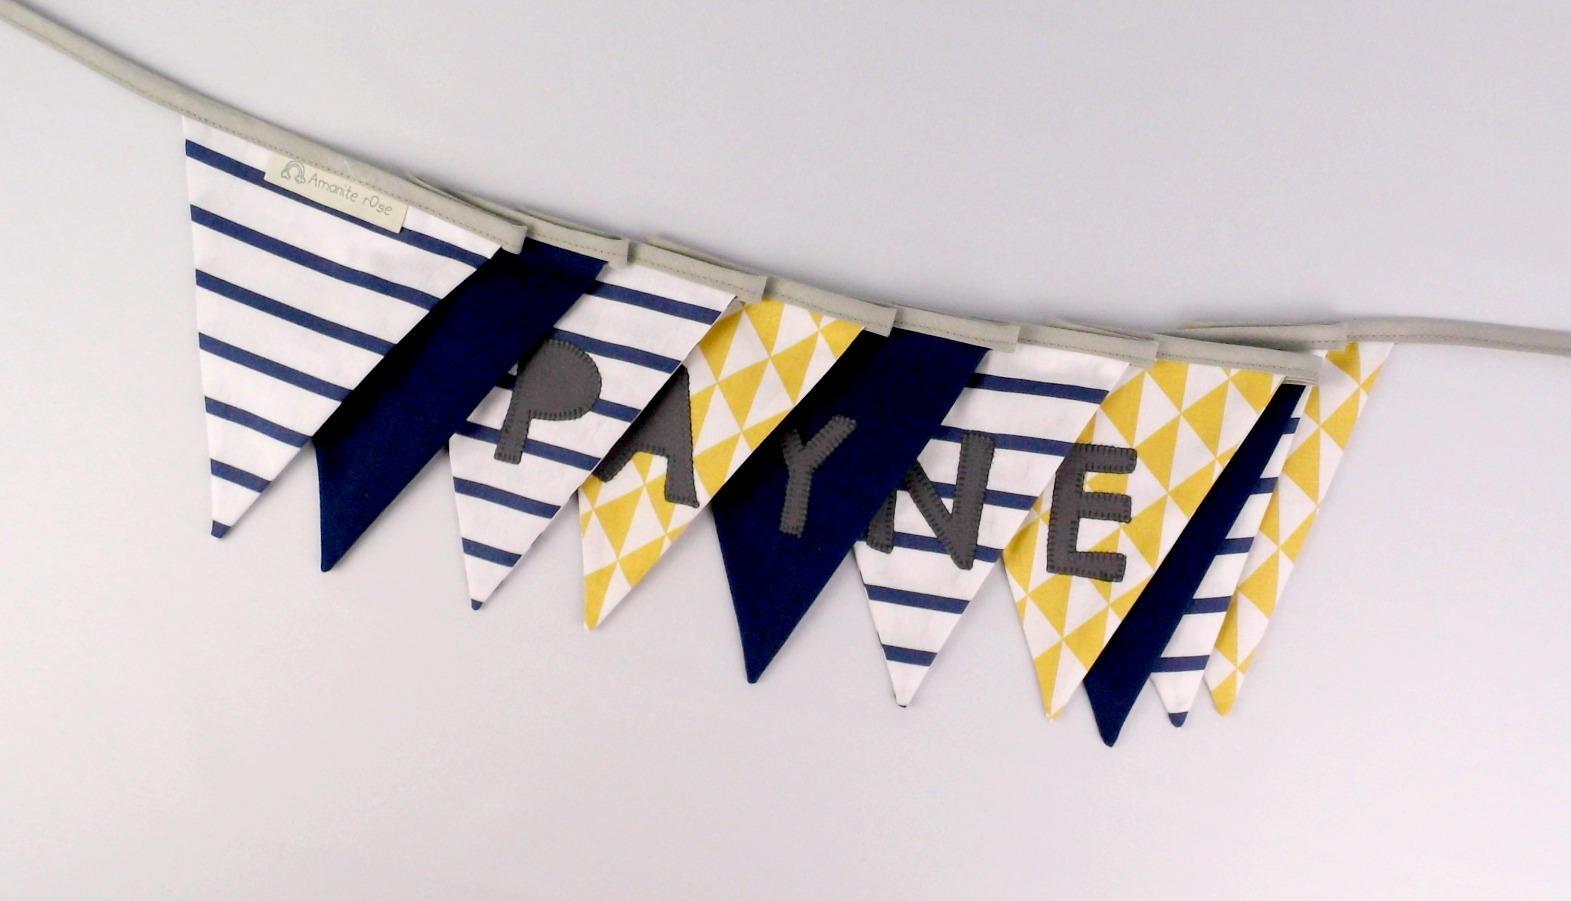 Fanion Chambre Bébé Garcon banderole fanions chambre enfant brodée prénom payne jaune moutarde bleu  marine rayé navy guirlande déco chambre bébé personnalisée